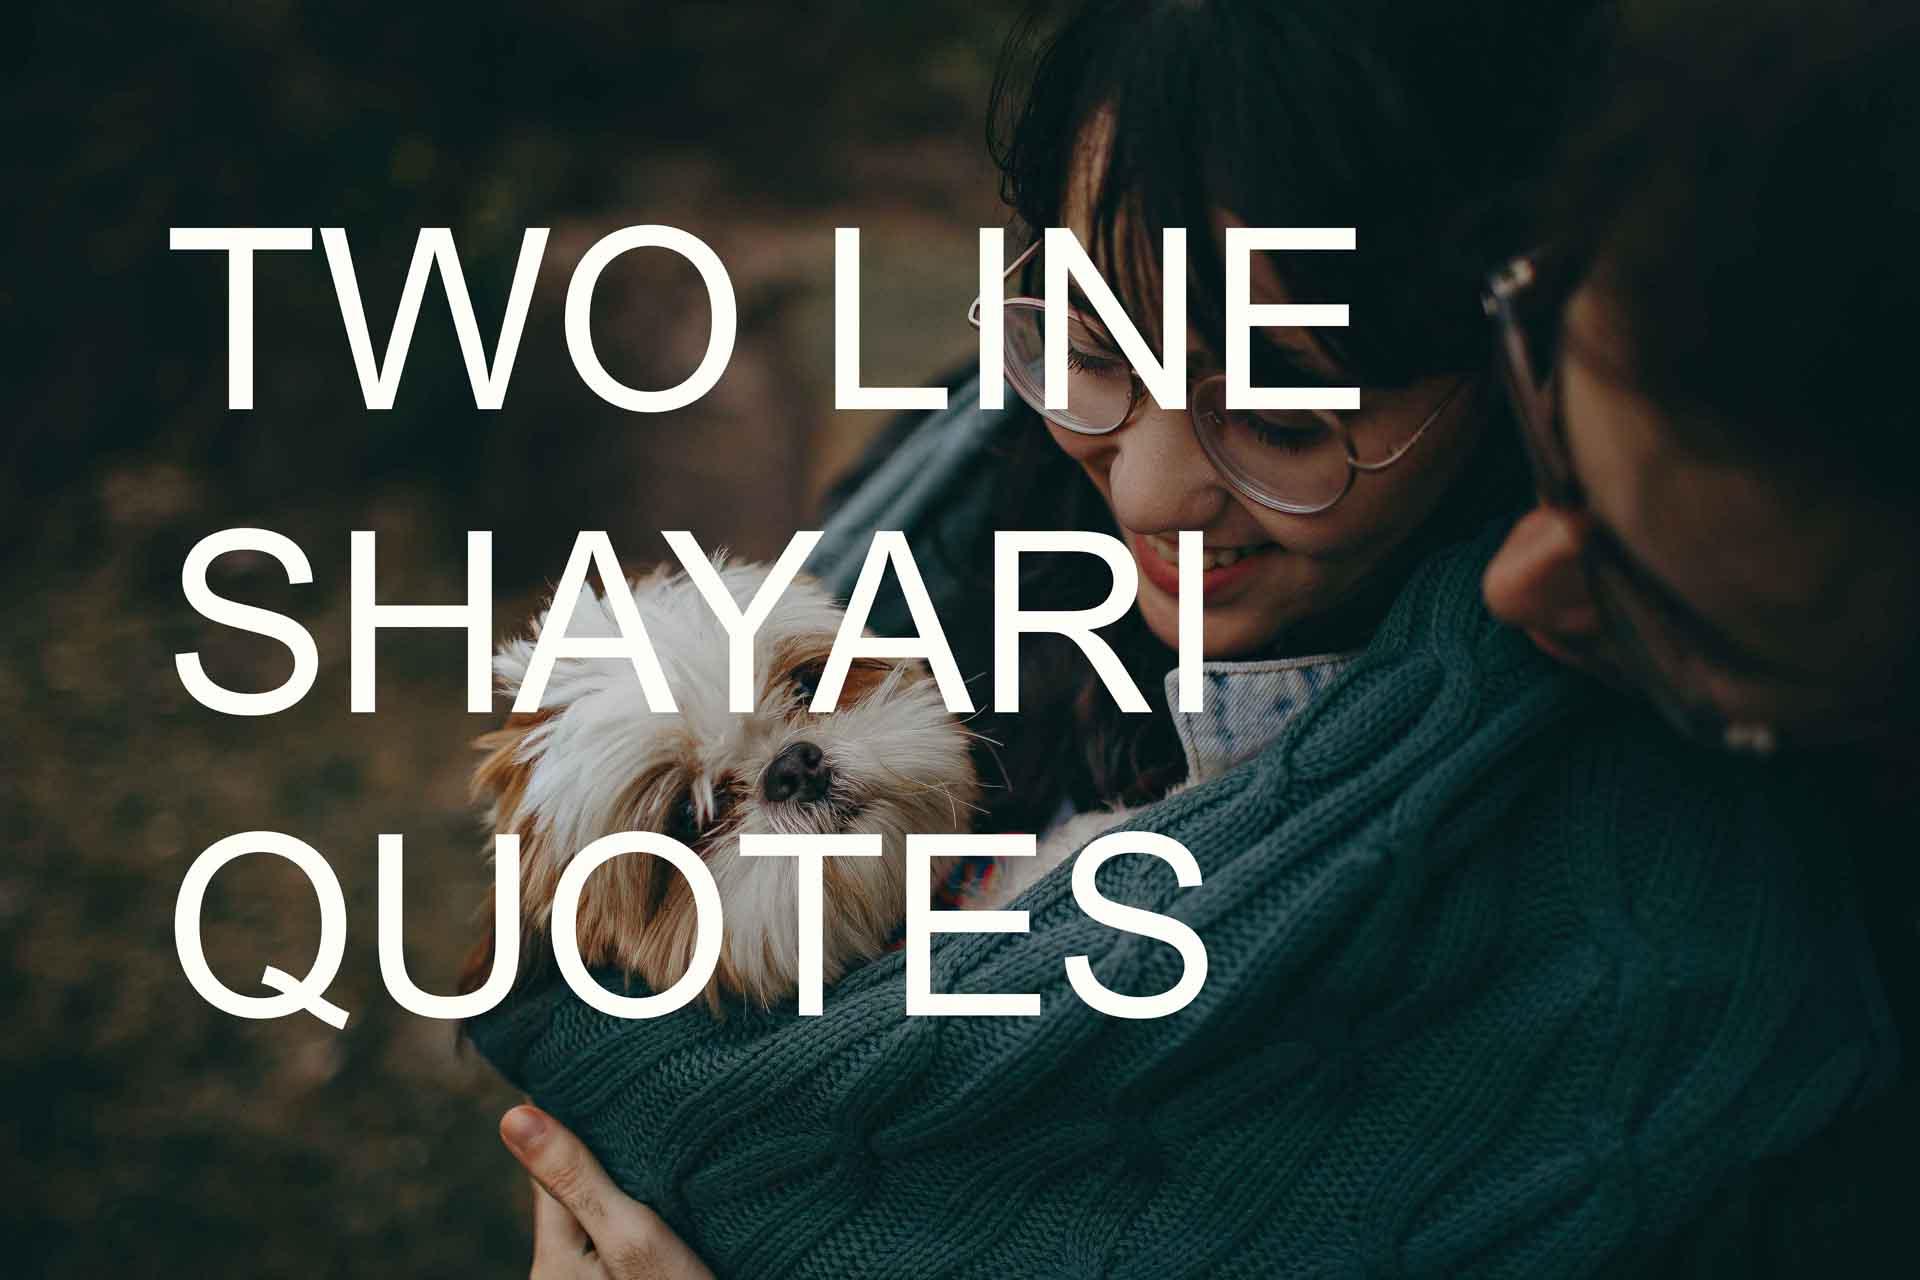 20 Two Line Shayari In Hindi न य द ल इन श यर Short Hindi Shayari Two Line Status Shayari Best Love Funny Sad Hindi Shayari Quotes Sms Status Captions